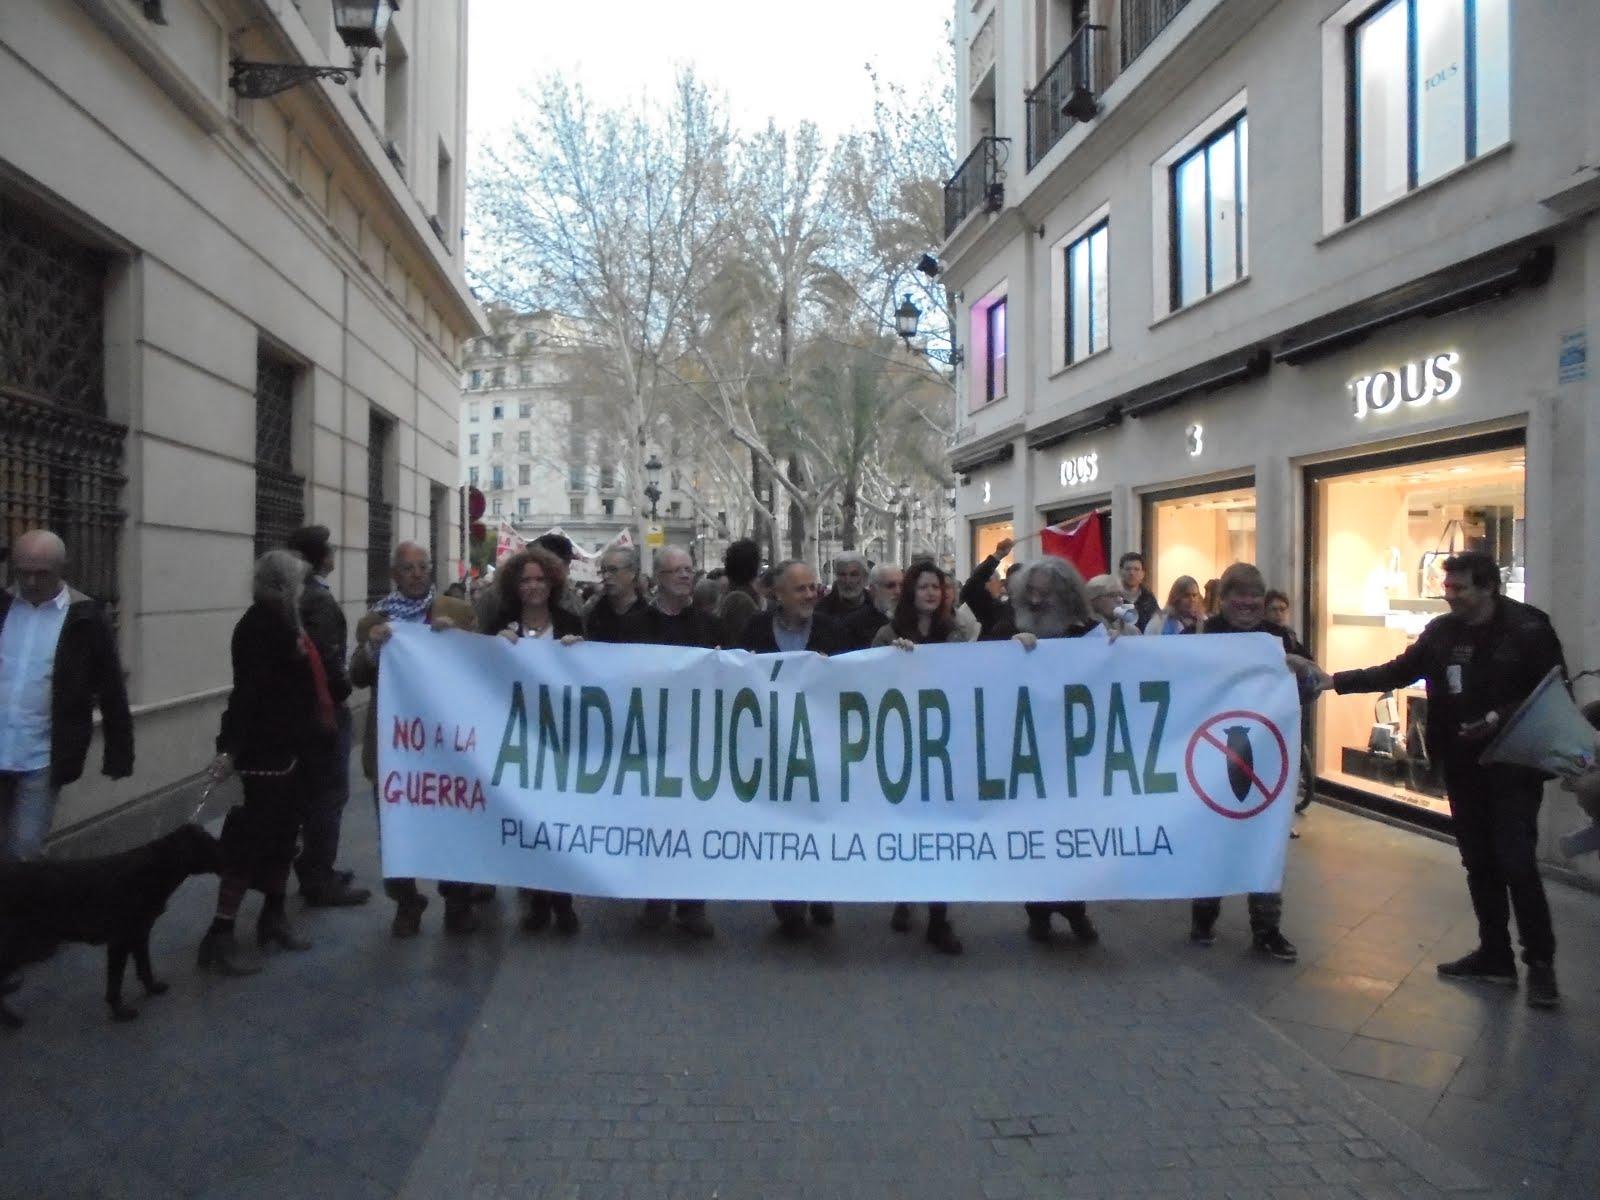 Manifestación 17M Andalucía por la paz. Contra la guerra